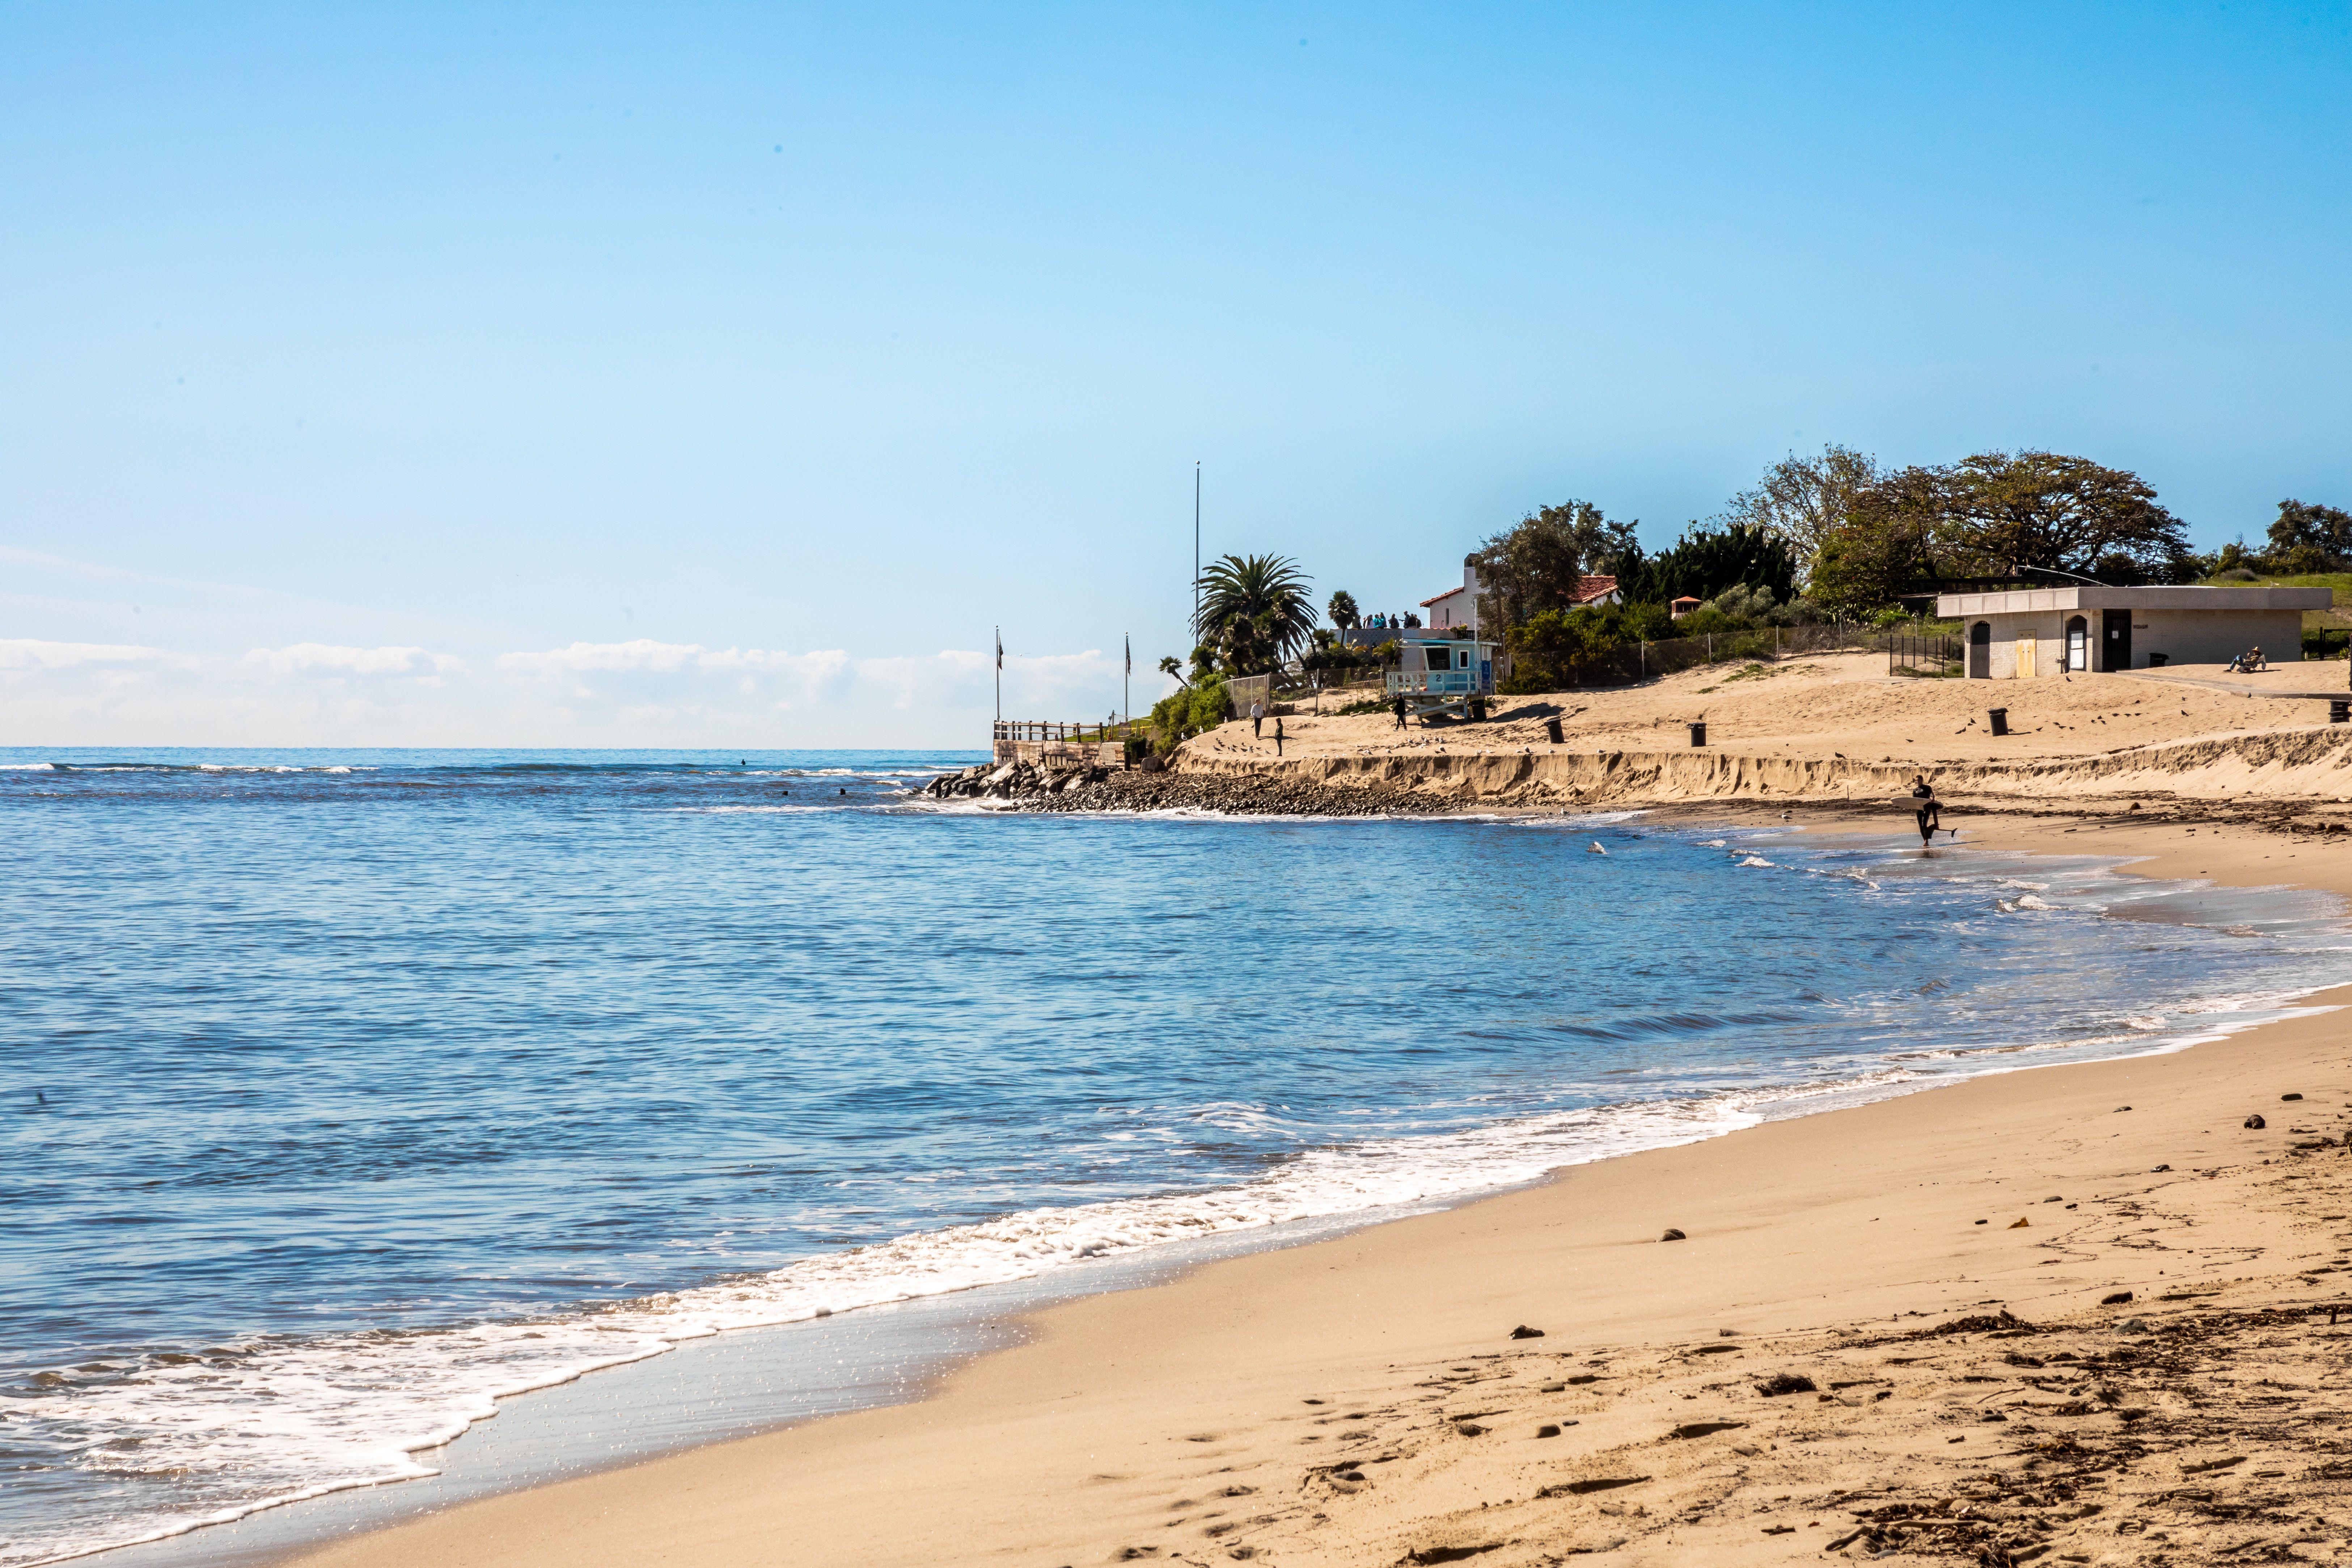 The Beach in LA